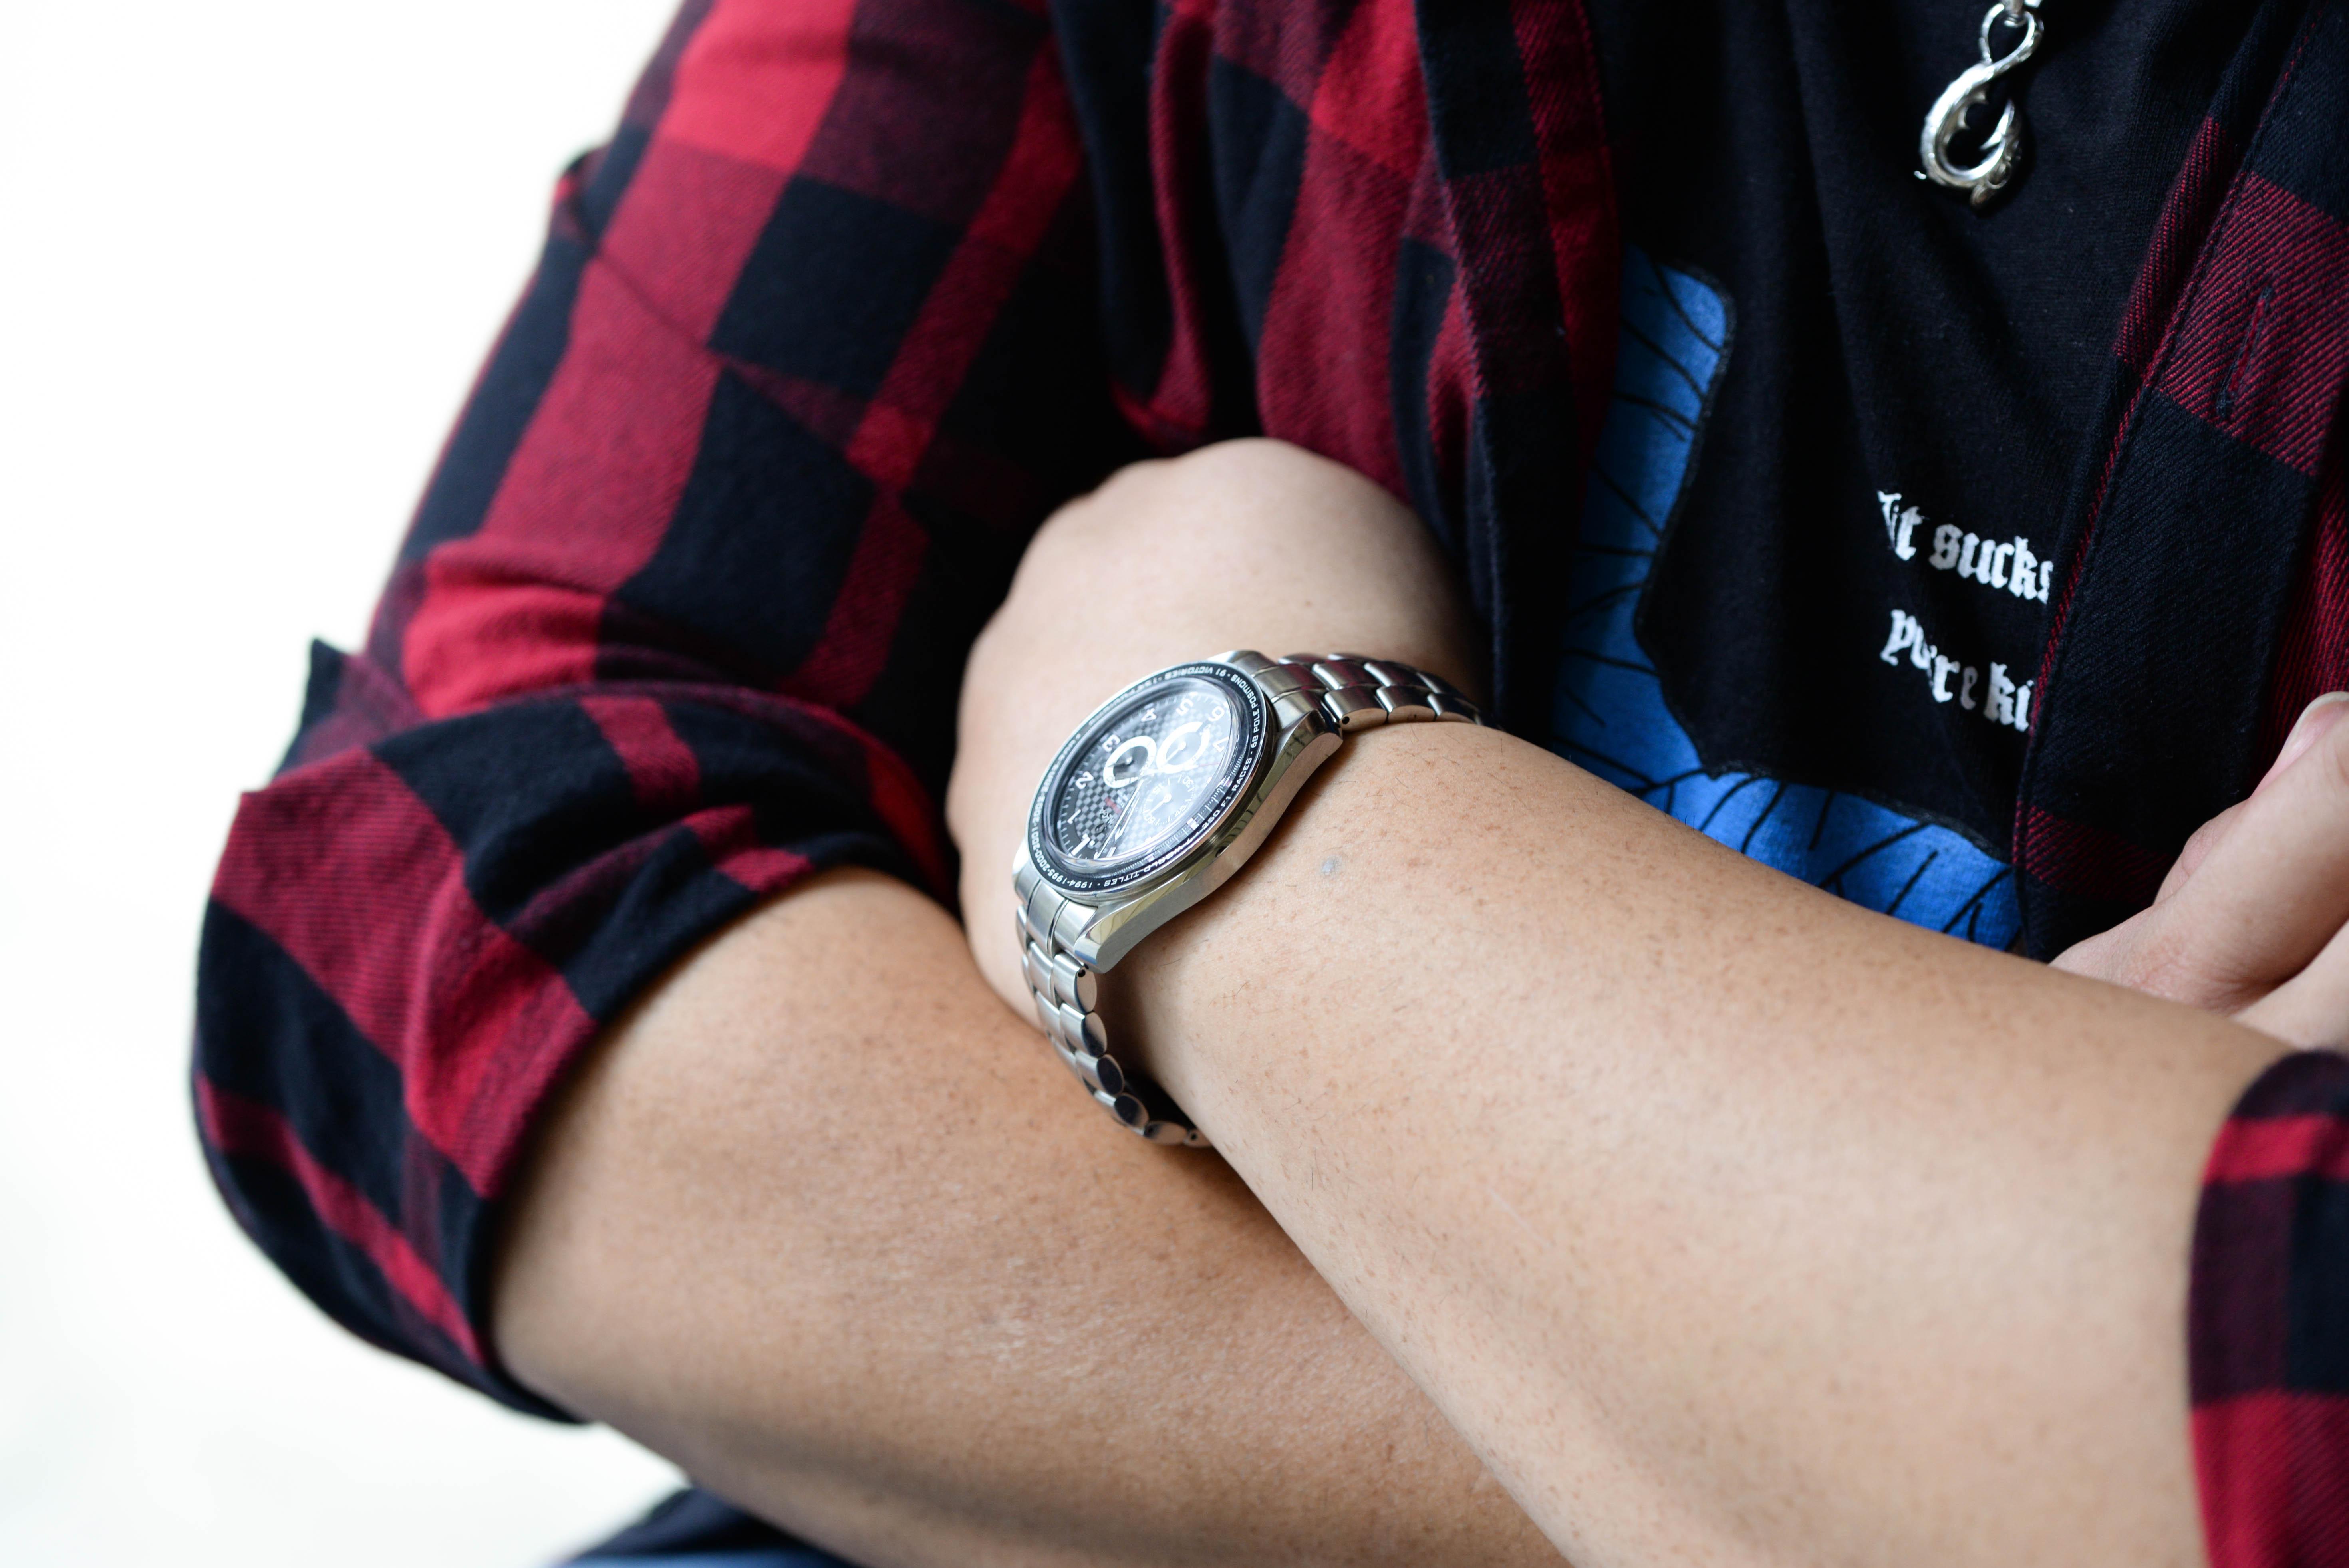 king.doggieさんの腕時計はスピードマスター コーアクシャル クロノグラフ M・シューマッハ